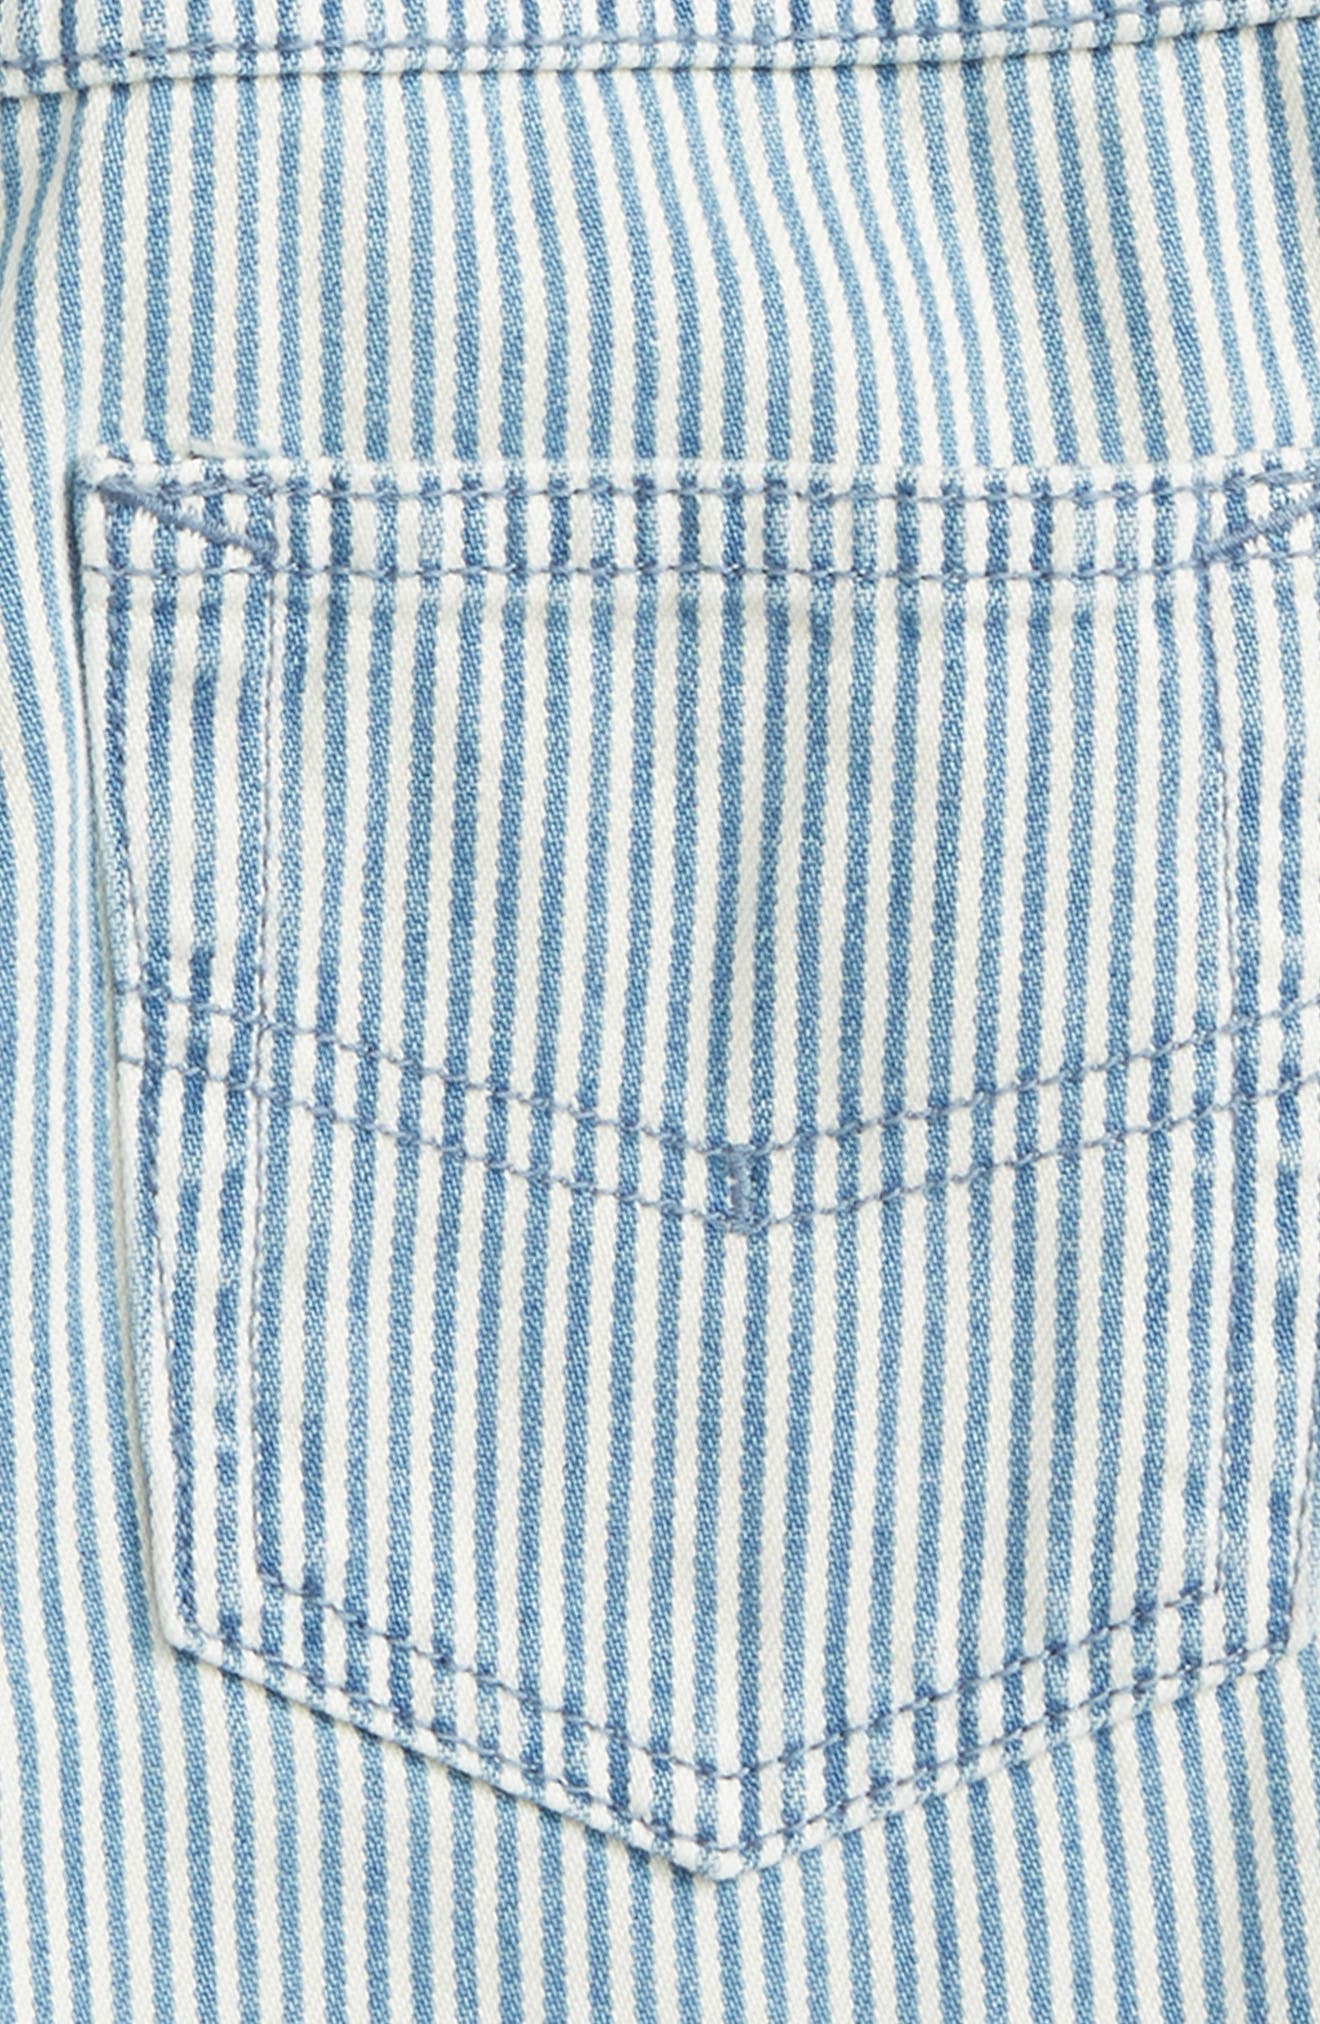 Stripe Shorts,                             Alternate thumbnail 3, color,                             450